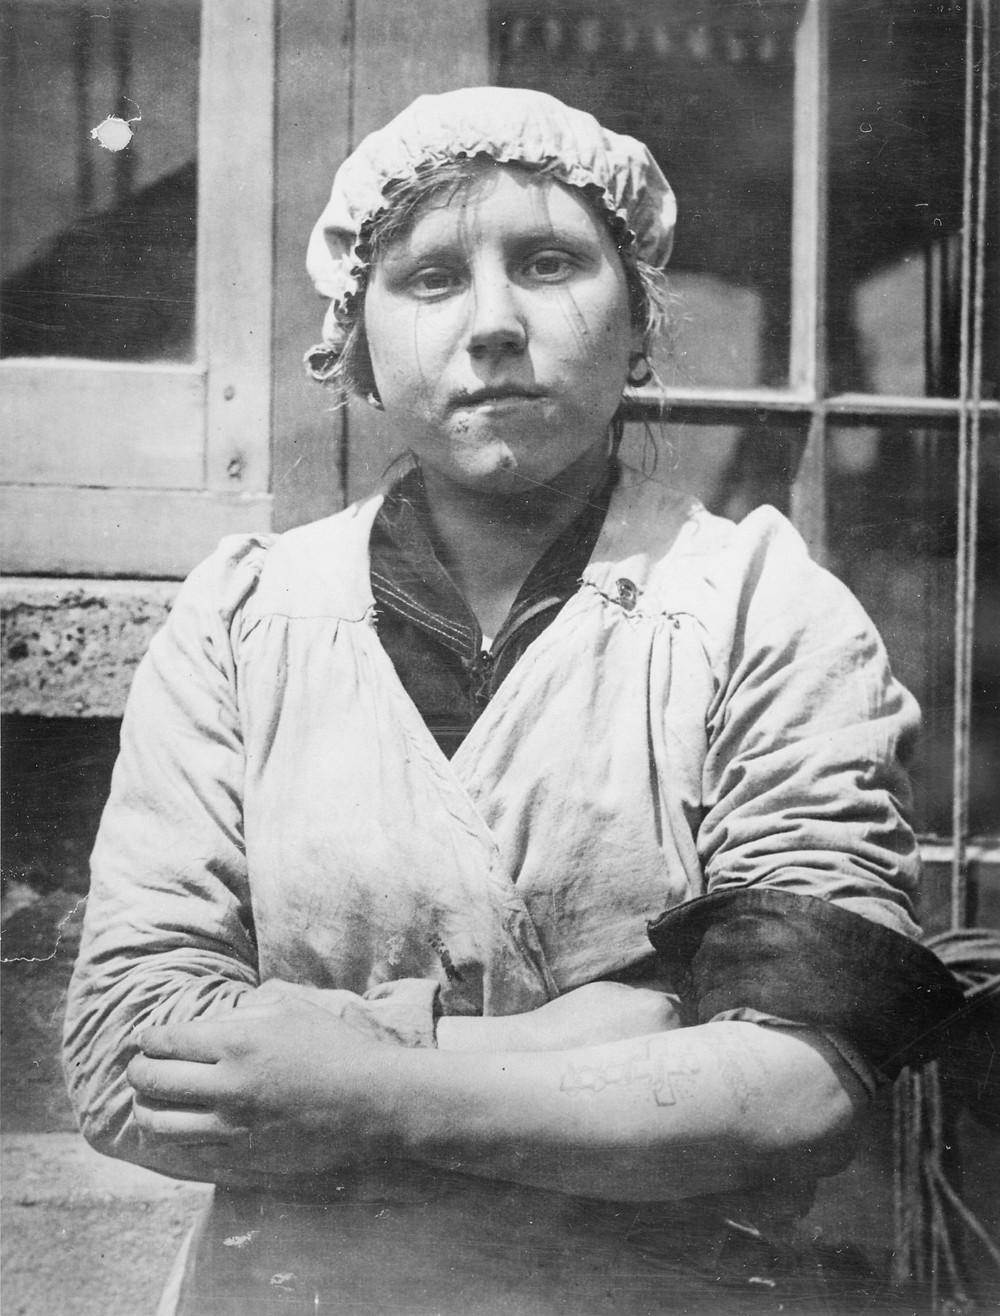 Trabalhadora, na fabricação de munição, com uma tatuagem no braço esquerdo, com o nome de um ente querido que morreu na guerra. A cruz memorial foi adicionada mais tarde